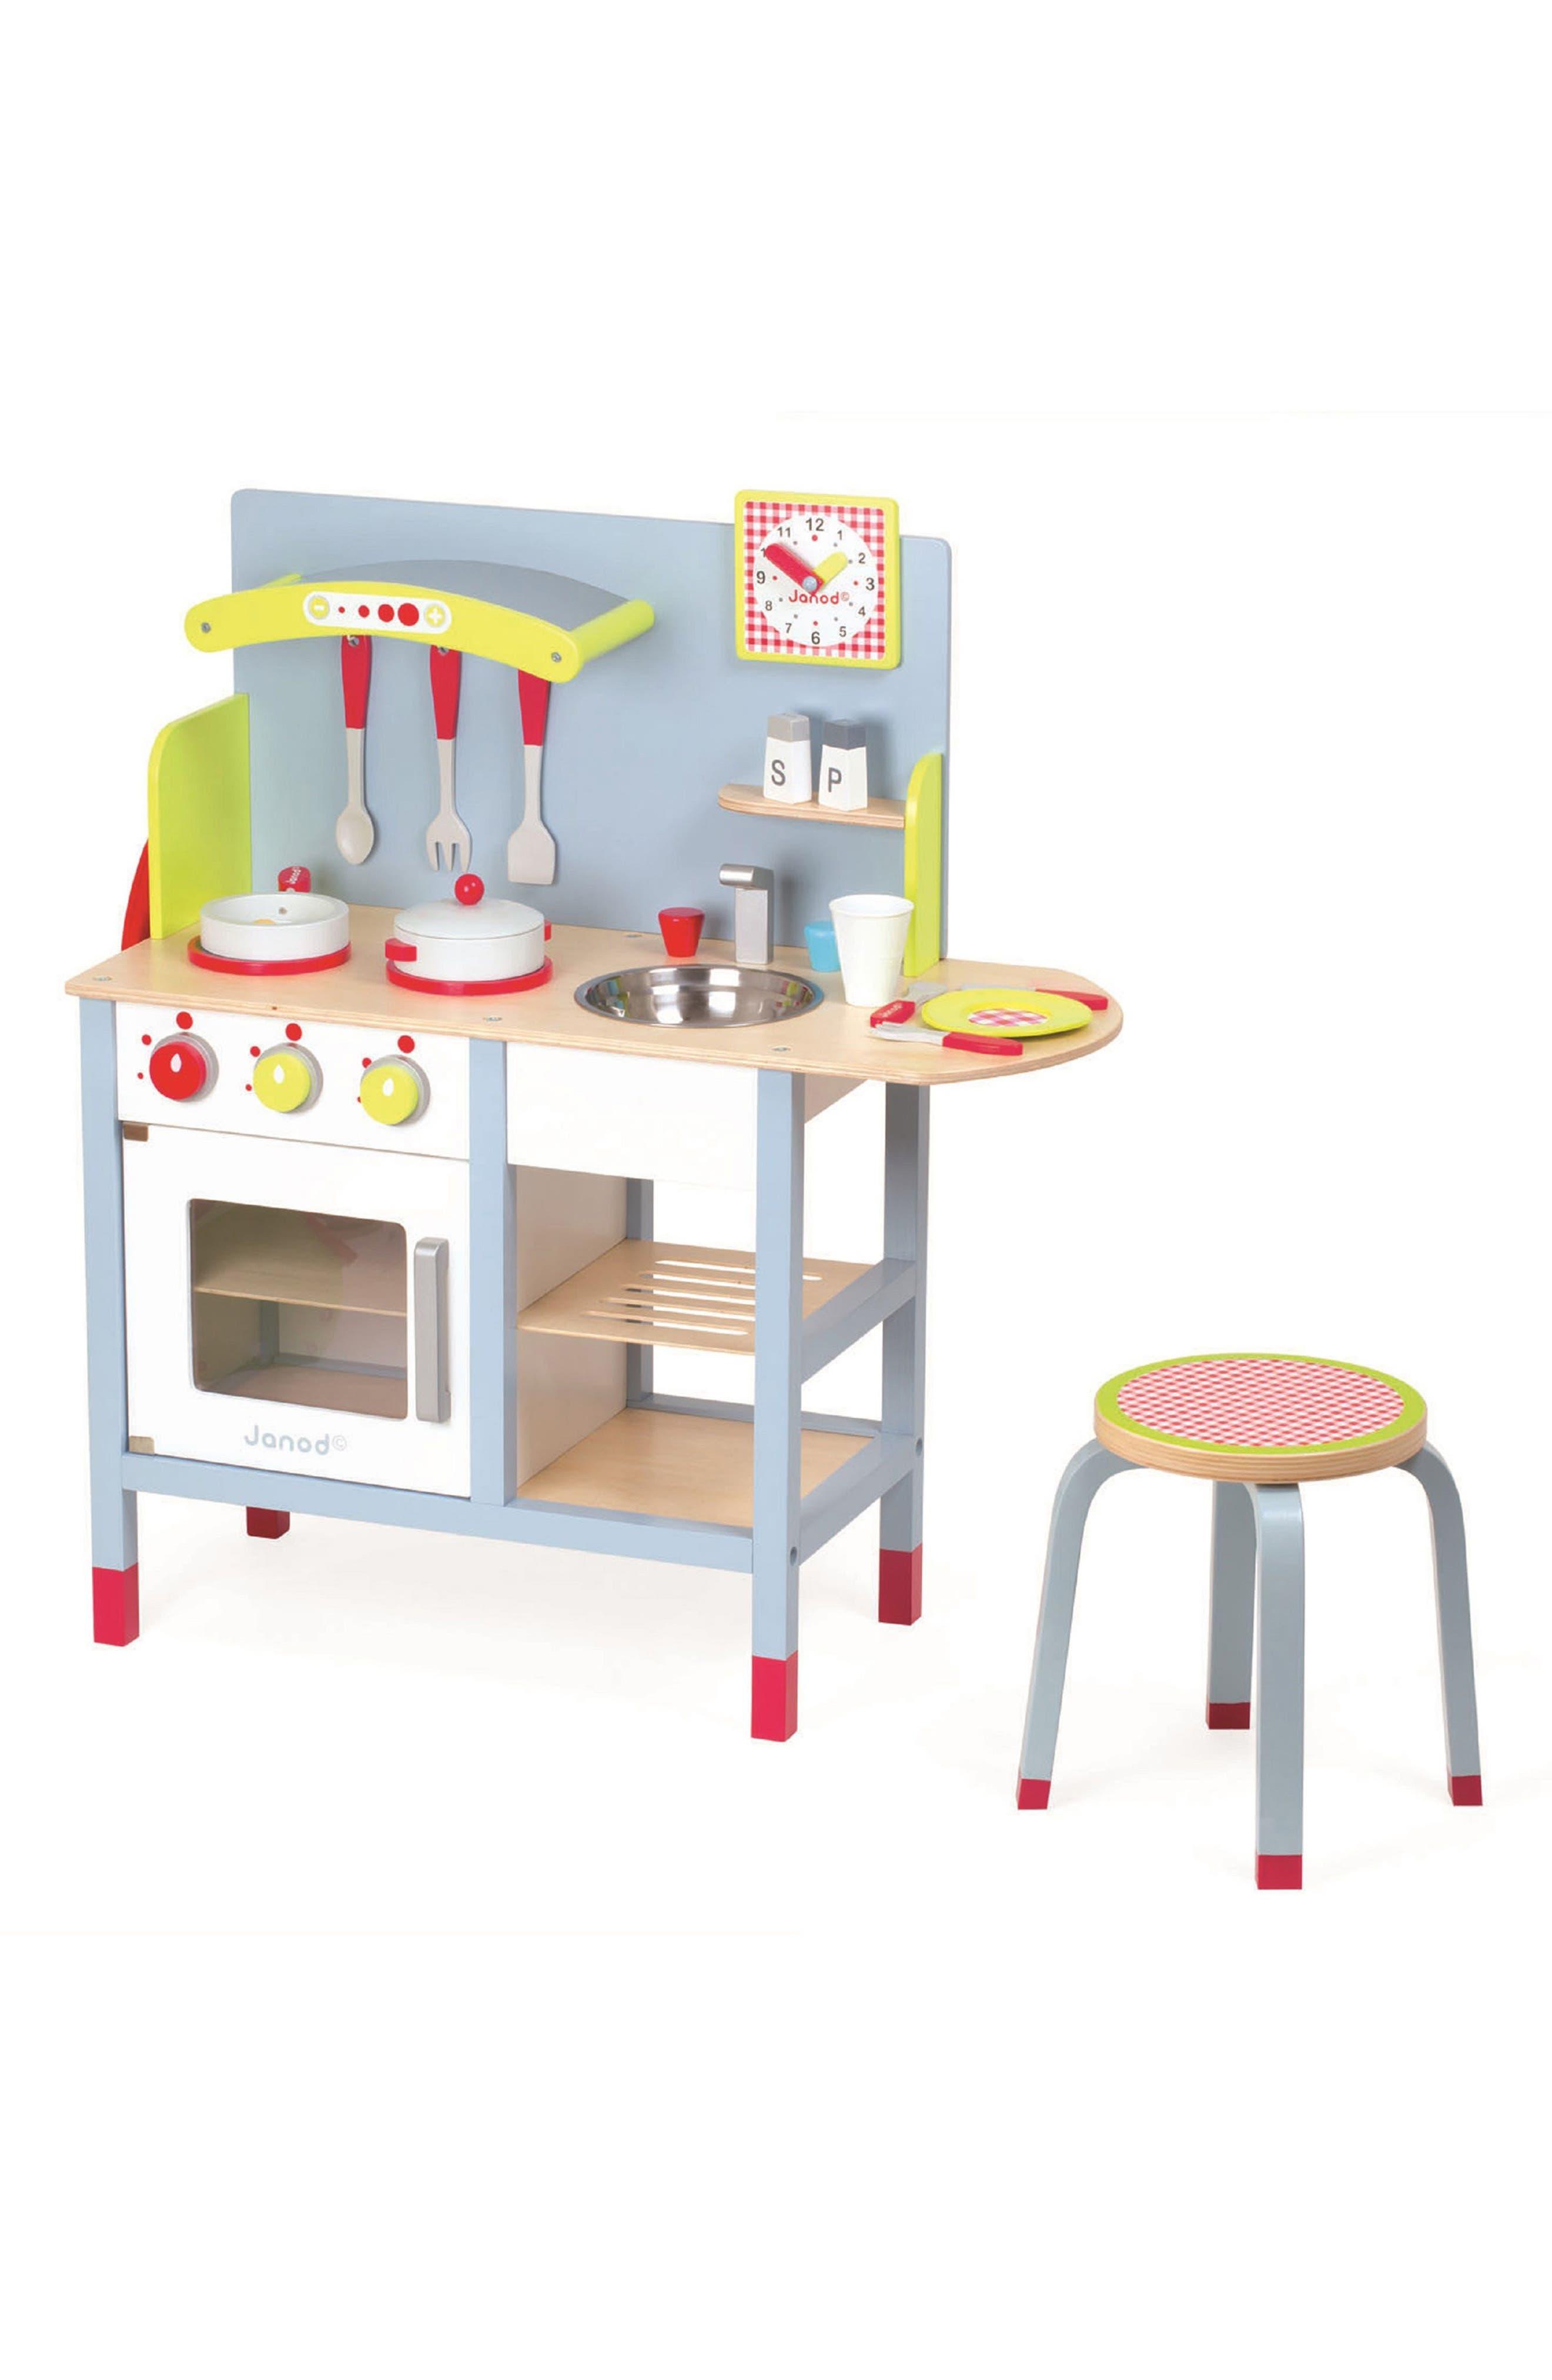 Kitchen Play Set,                             Main thumbnail 1, color,                             400